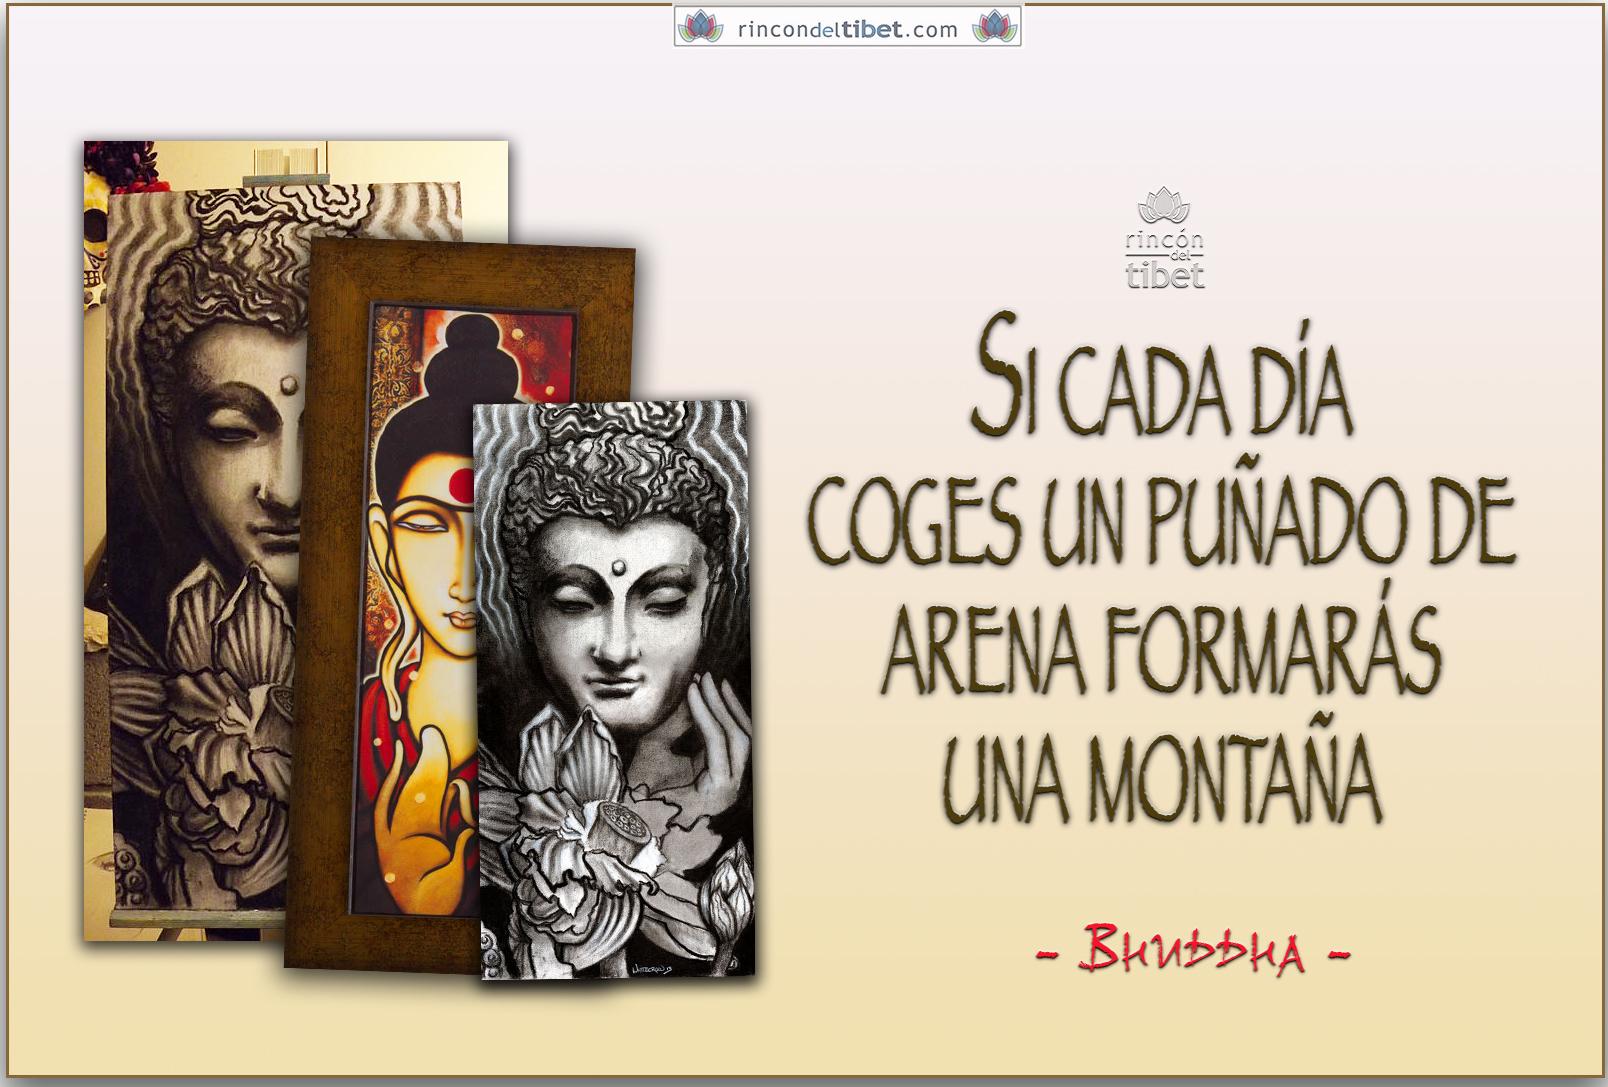 CUOTA RINCON DEL TIBET (899)